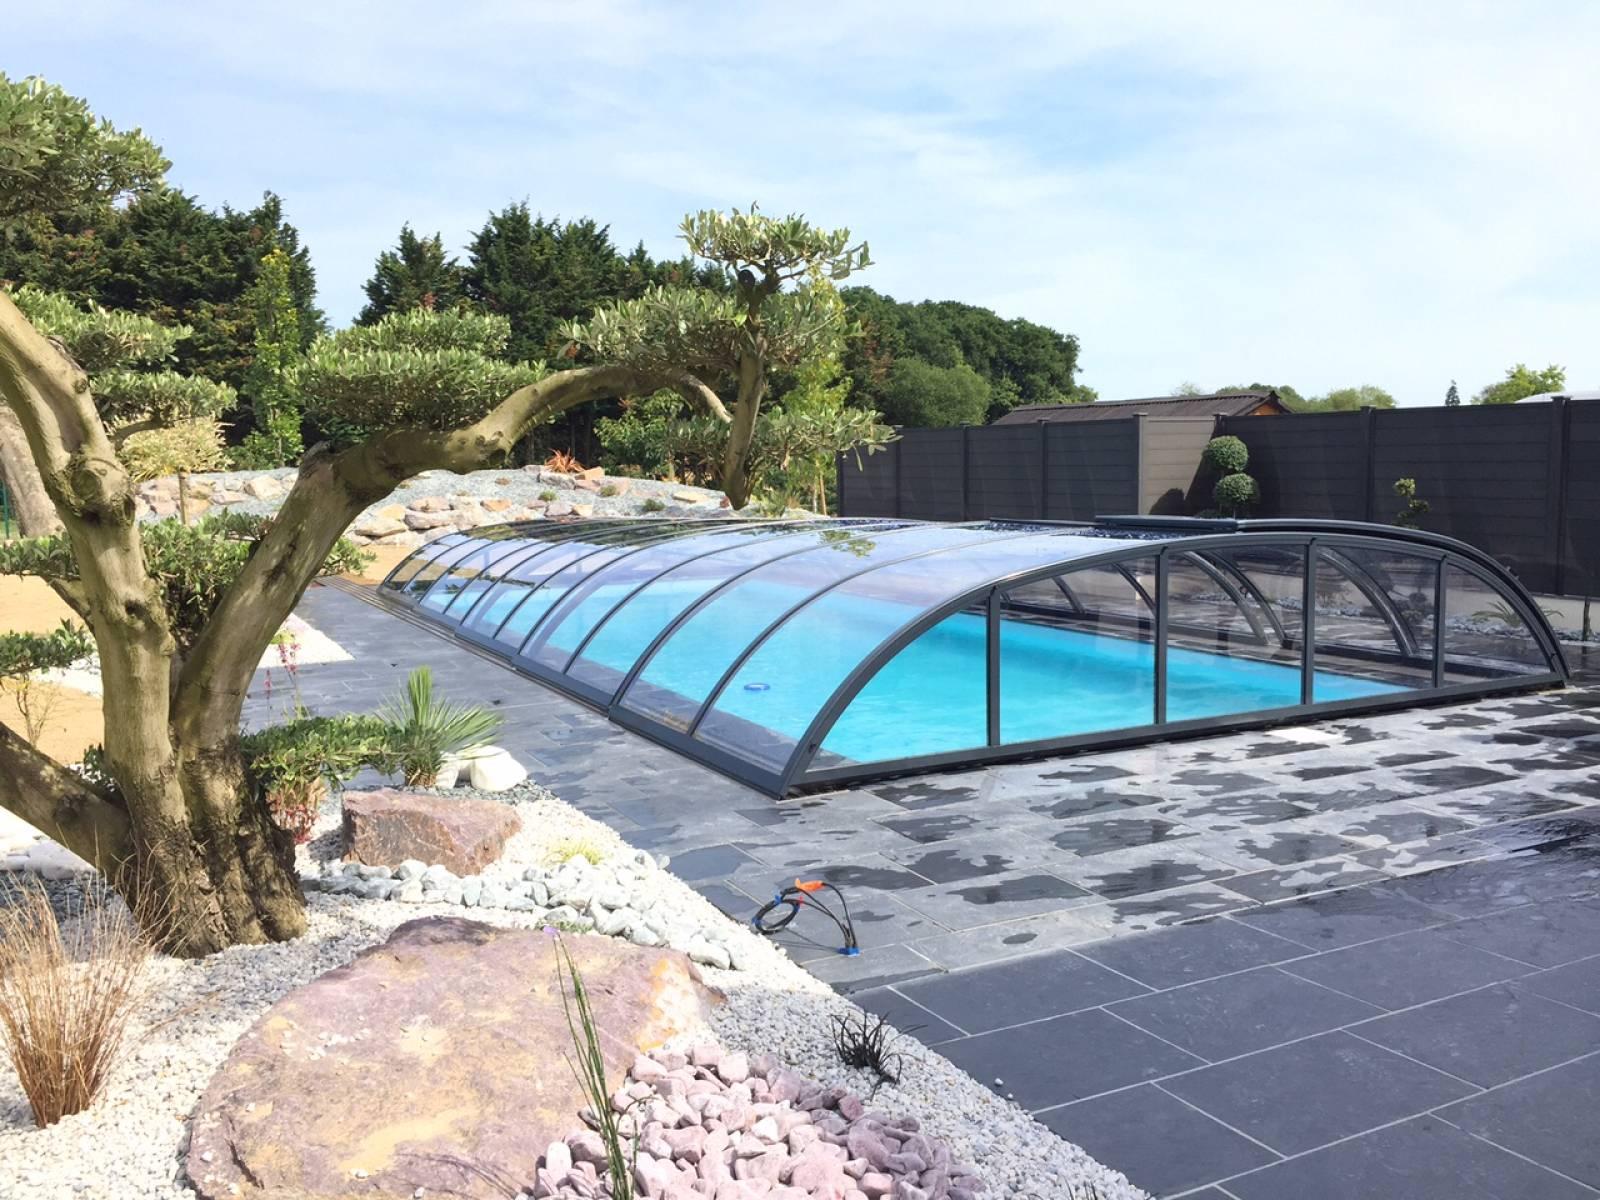 Materiel Piscine La Ciotat abri de piscine abrinoval - vente de matériel de piscine et